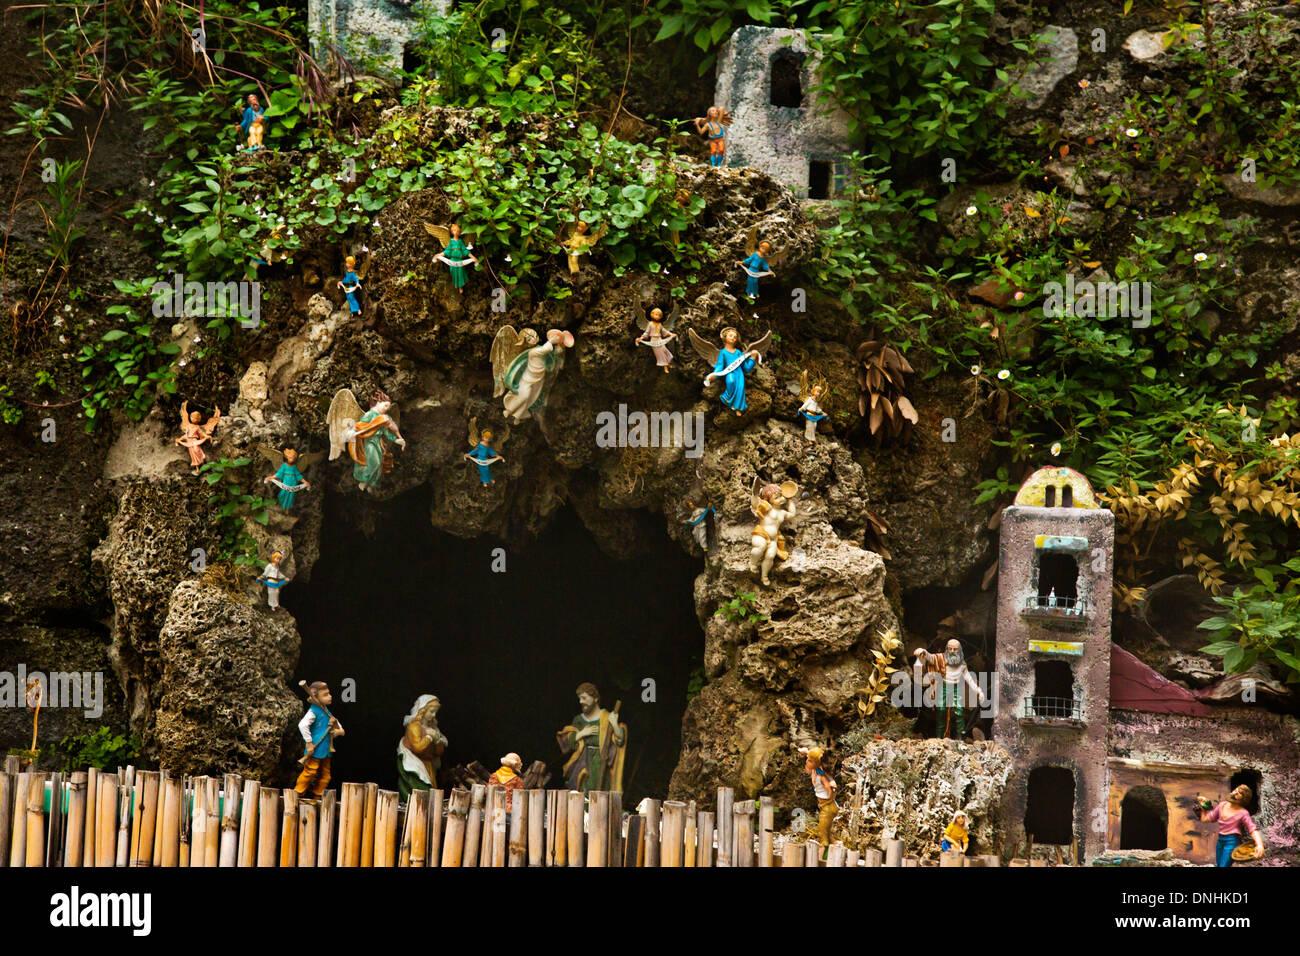 Grotte et maisons miniatures sur les rochers, Amalfi, Province de Salerne, Campanie, Italie Banque D'Images